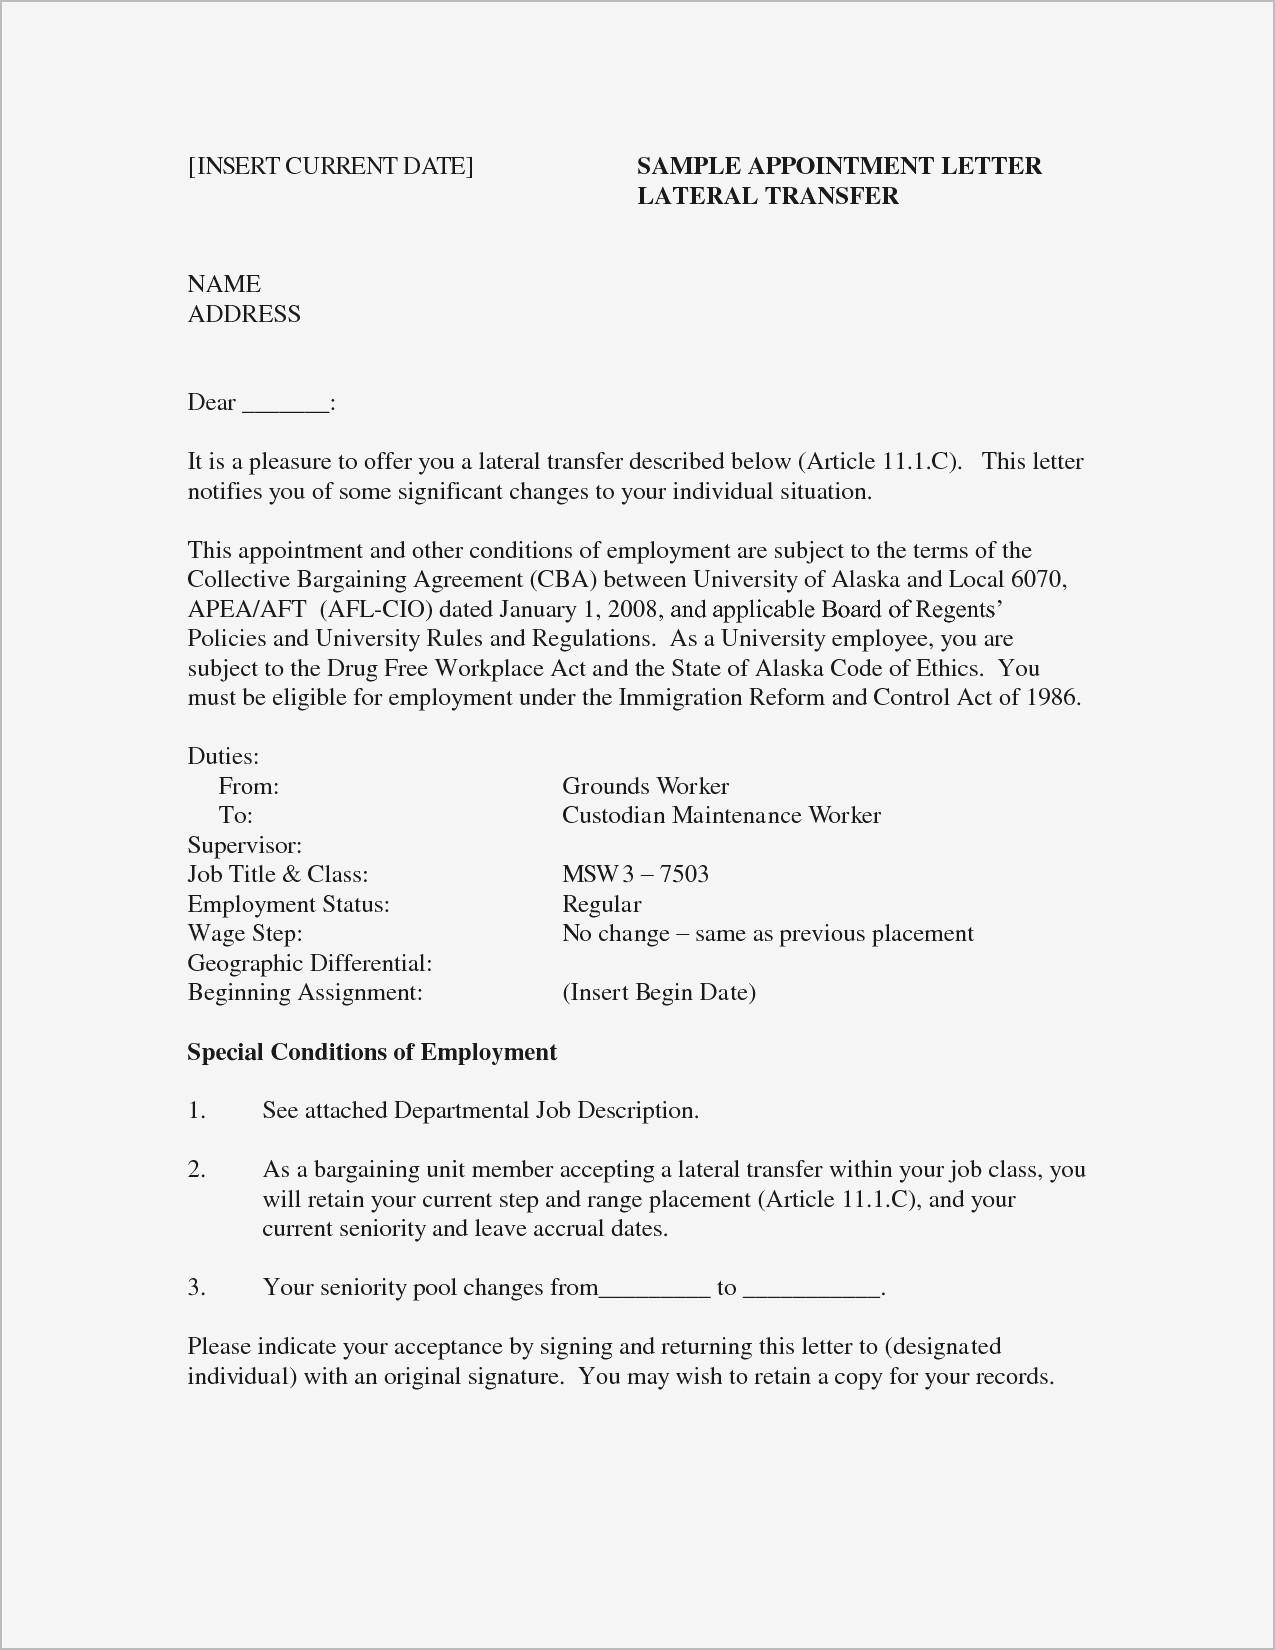 Letter for Job Offer Template - Sample Cover Letter for Job Fer Refrence Job Fer Letter Template